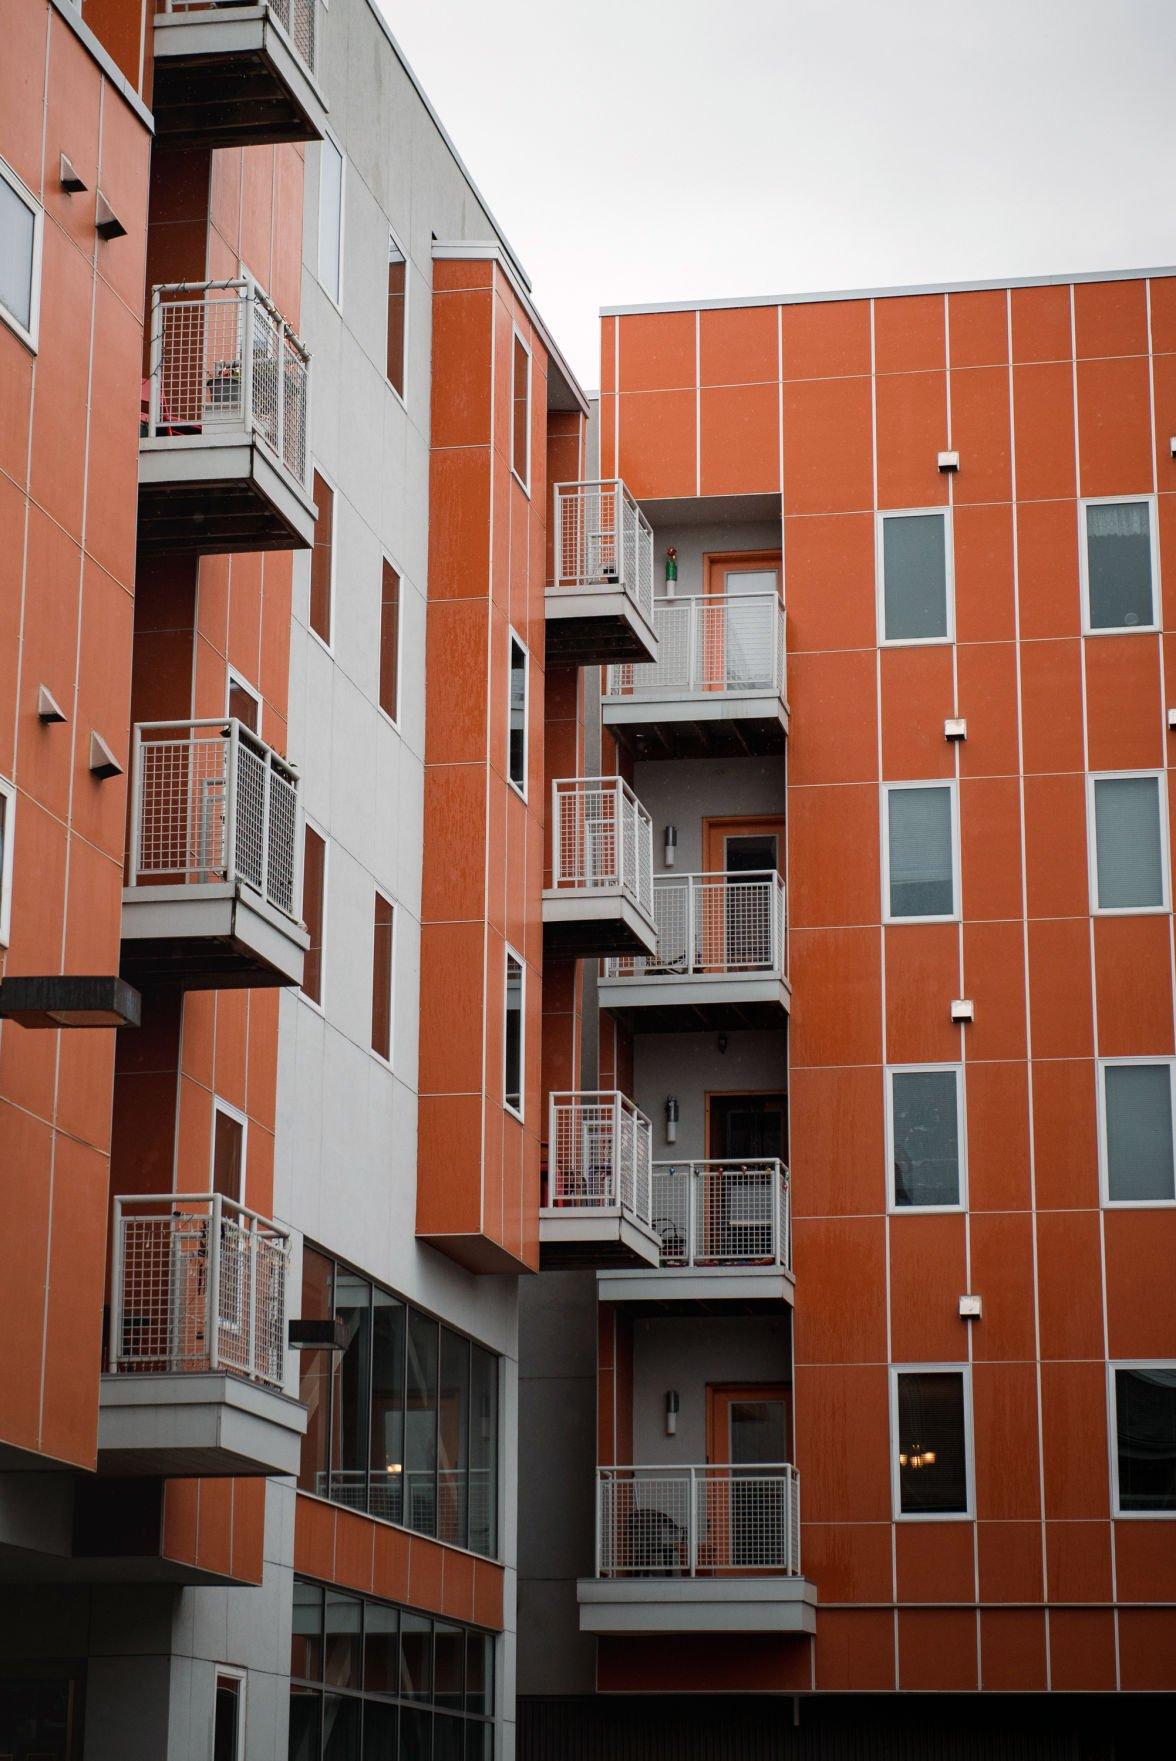 Philadelphia apartment complex